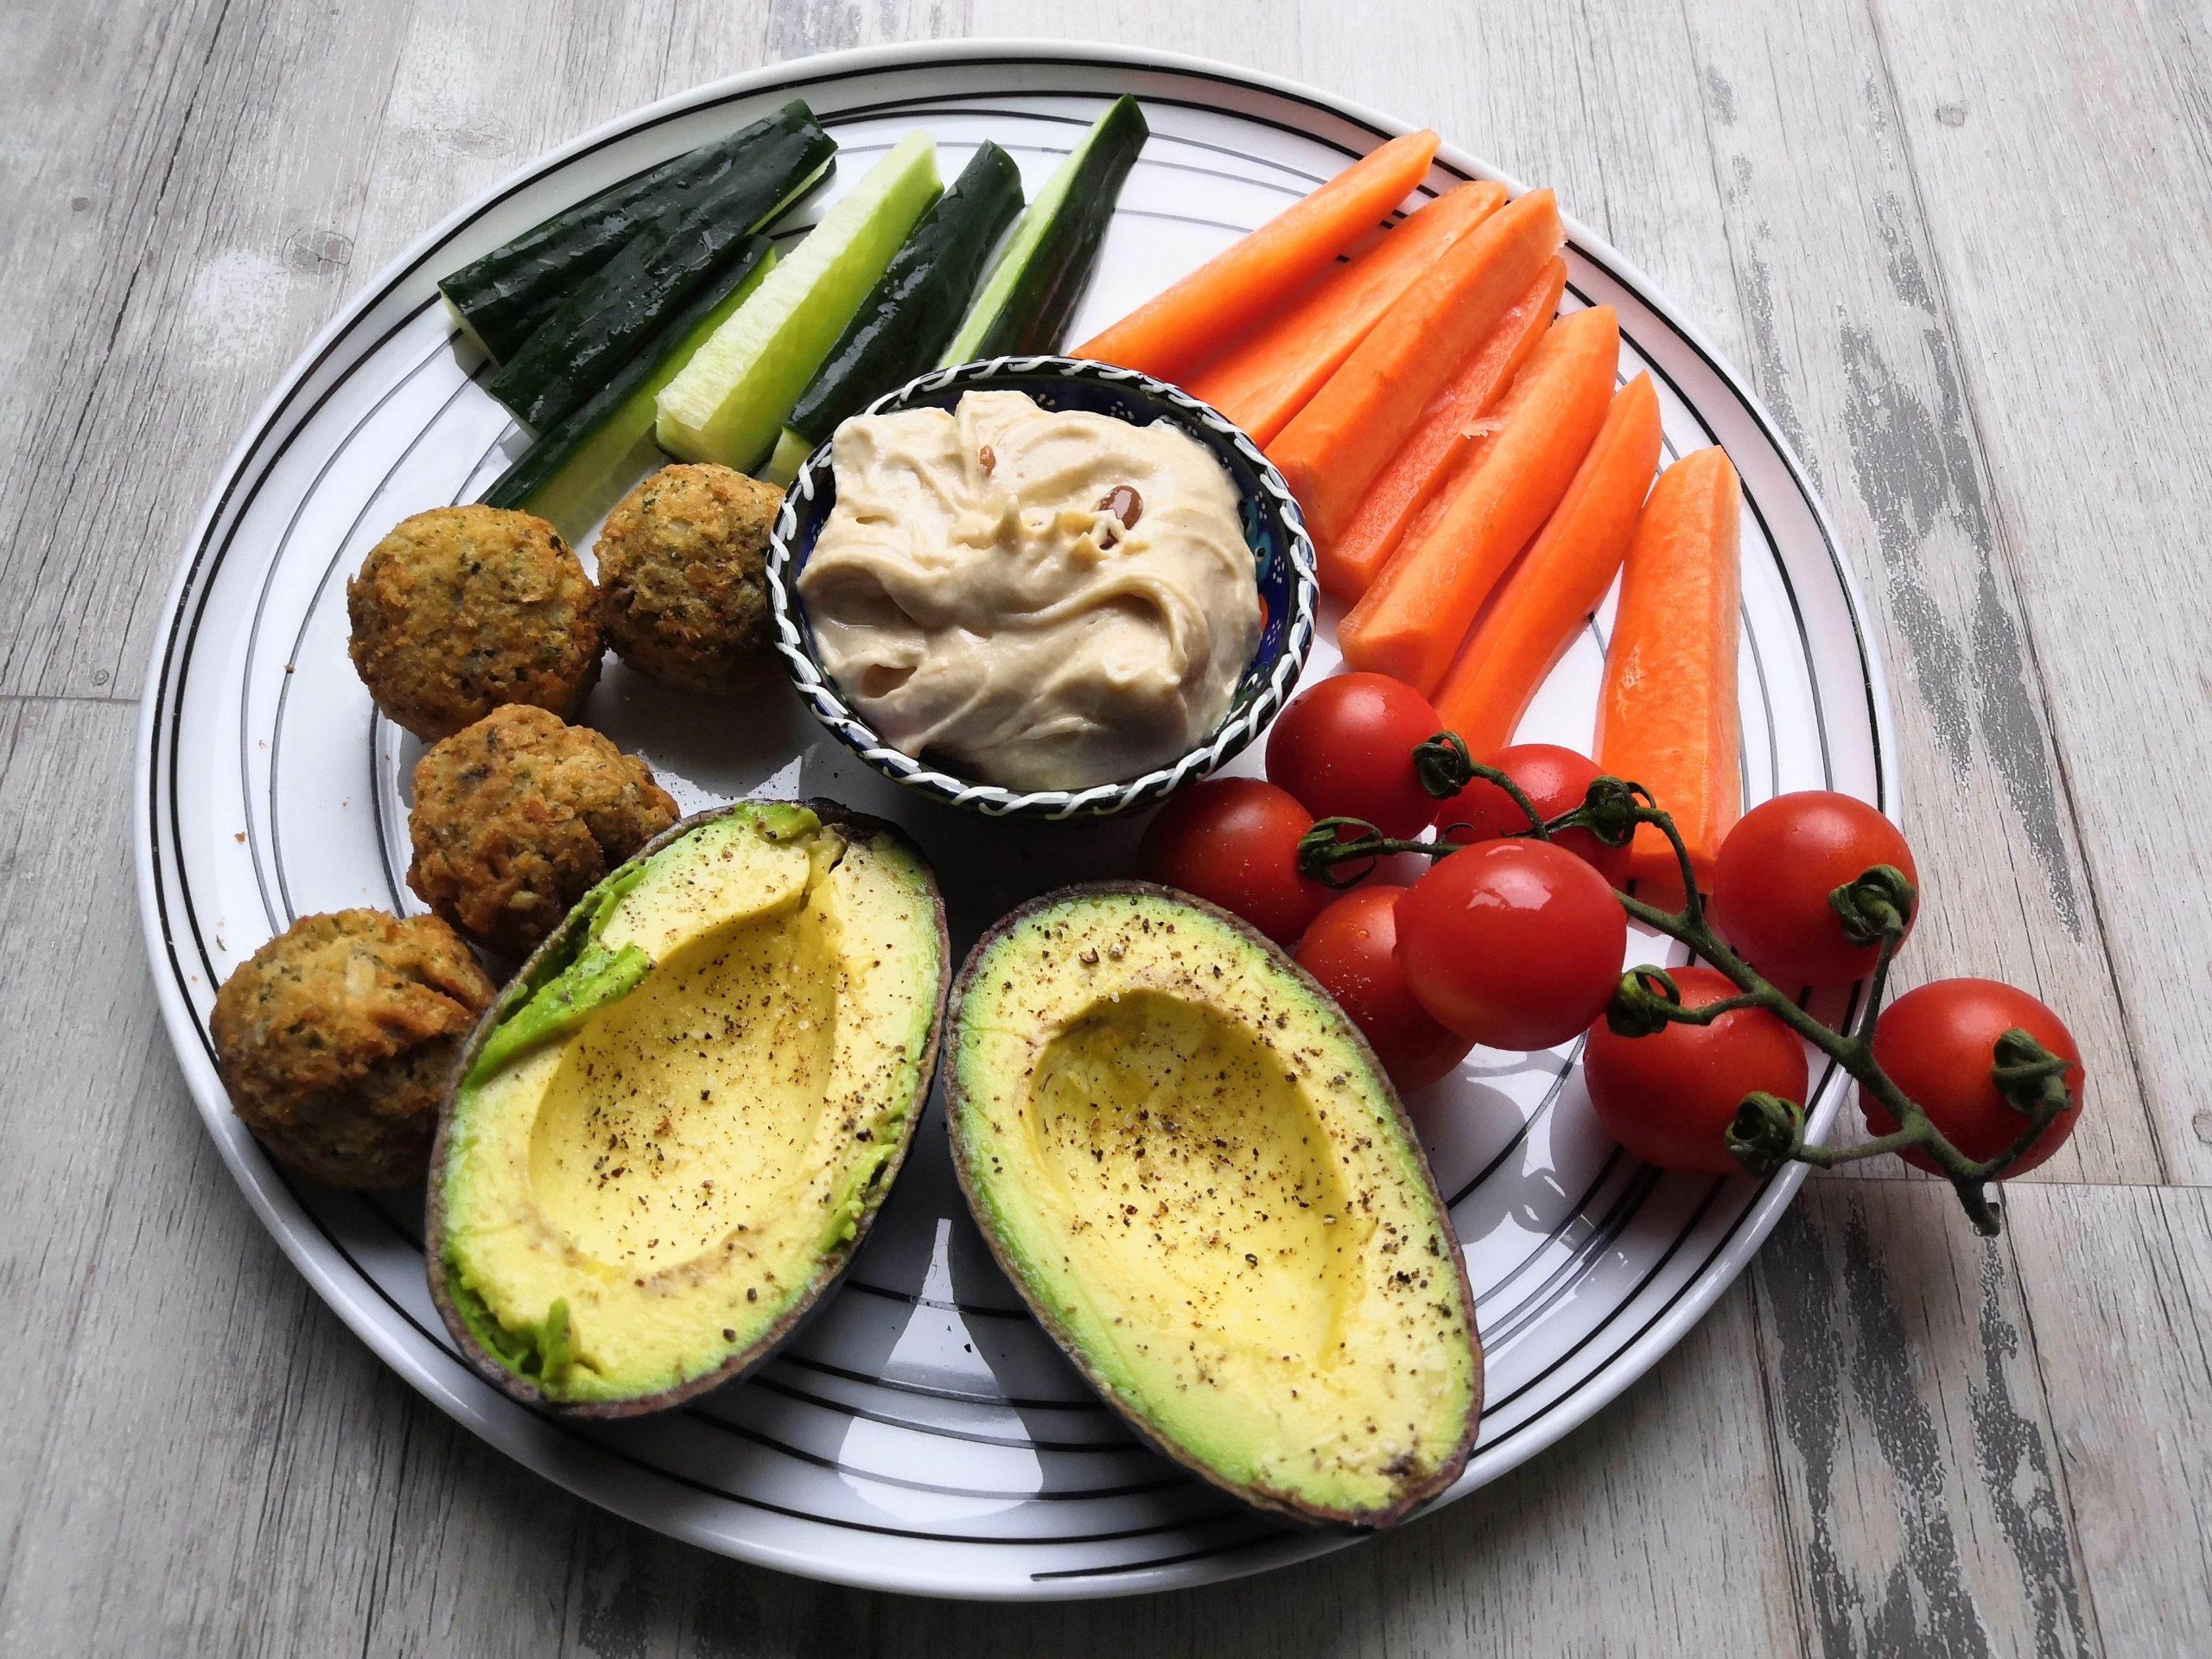 Veg, falafel and humus plate